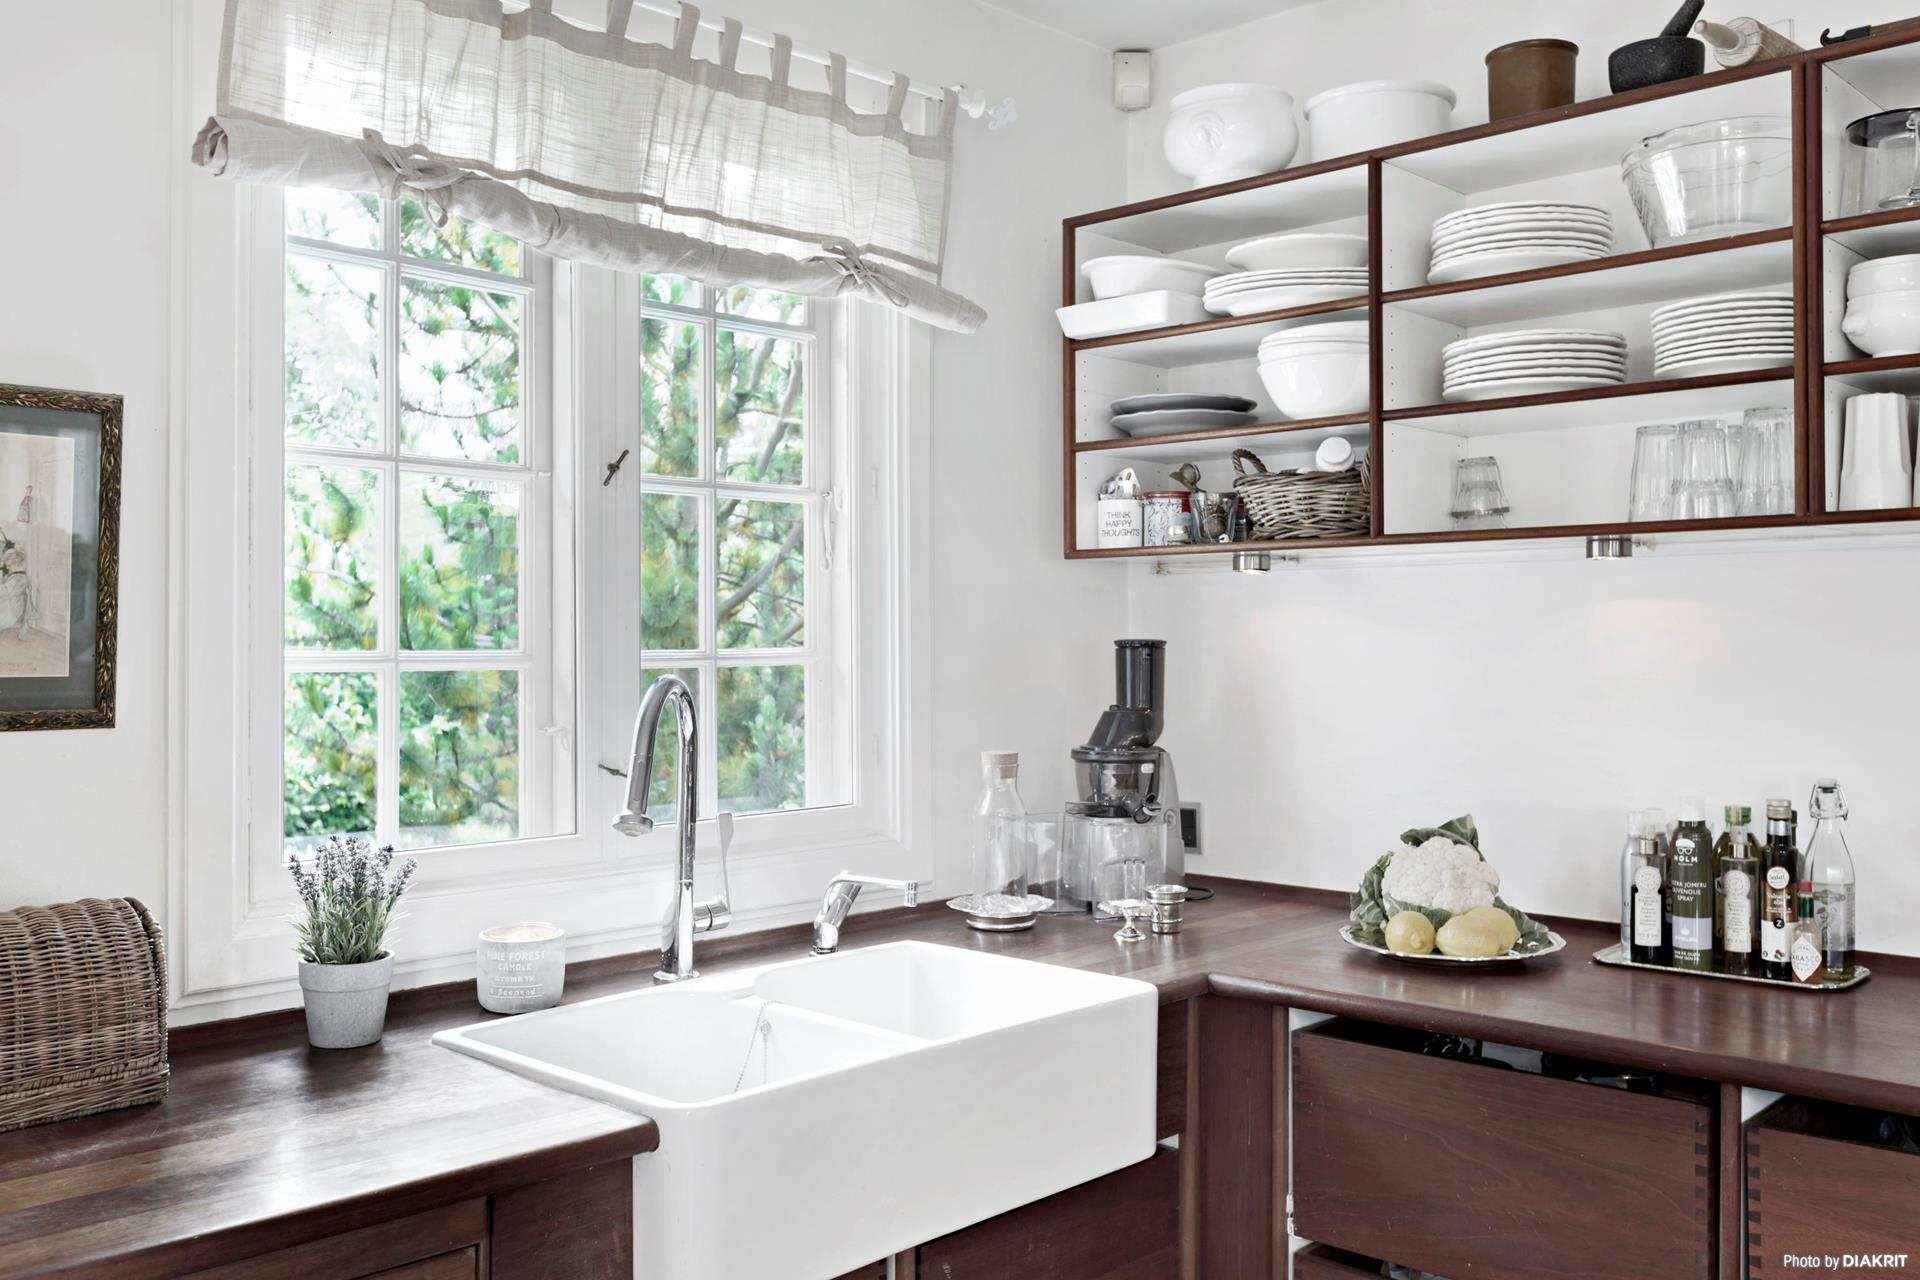 кухня окно накладная мойка смеситель полки посуда